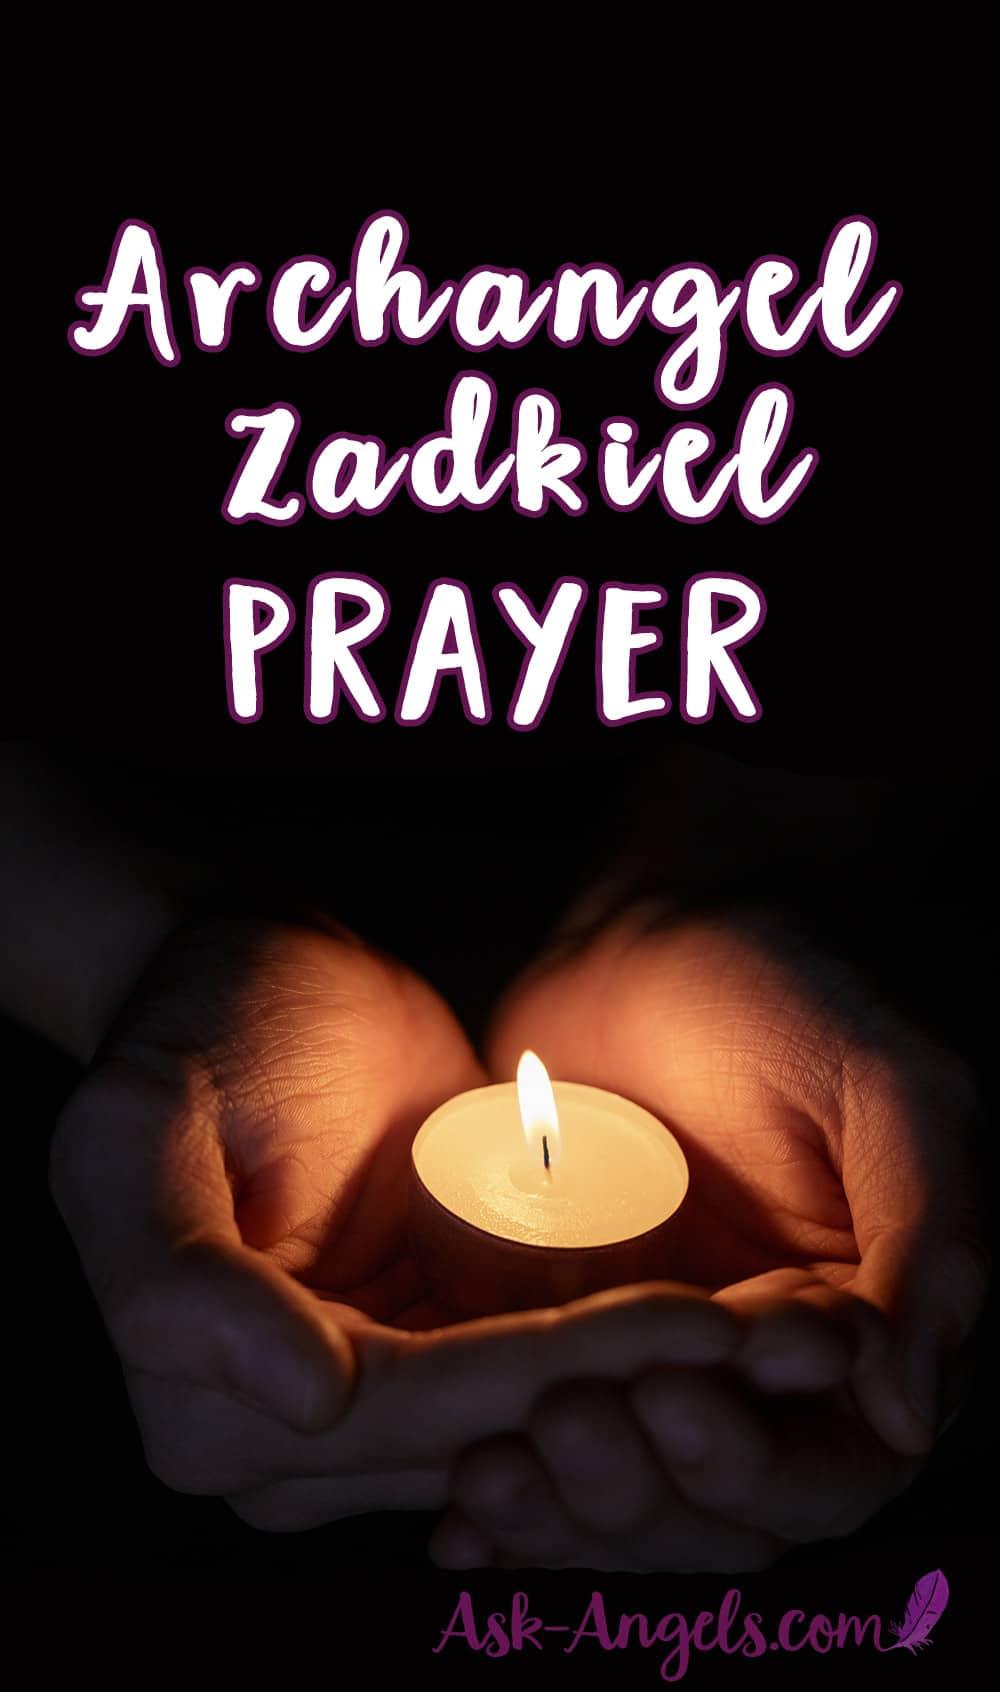 Archangel Zadkiel Prayer